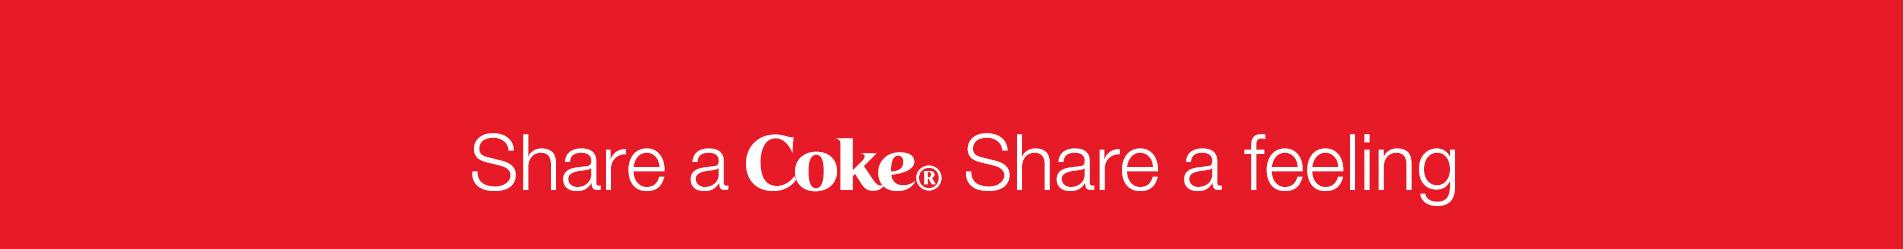 Coke-portfolio-1_05